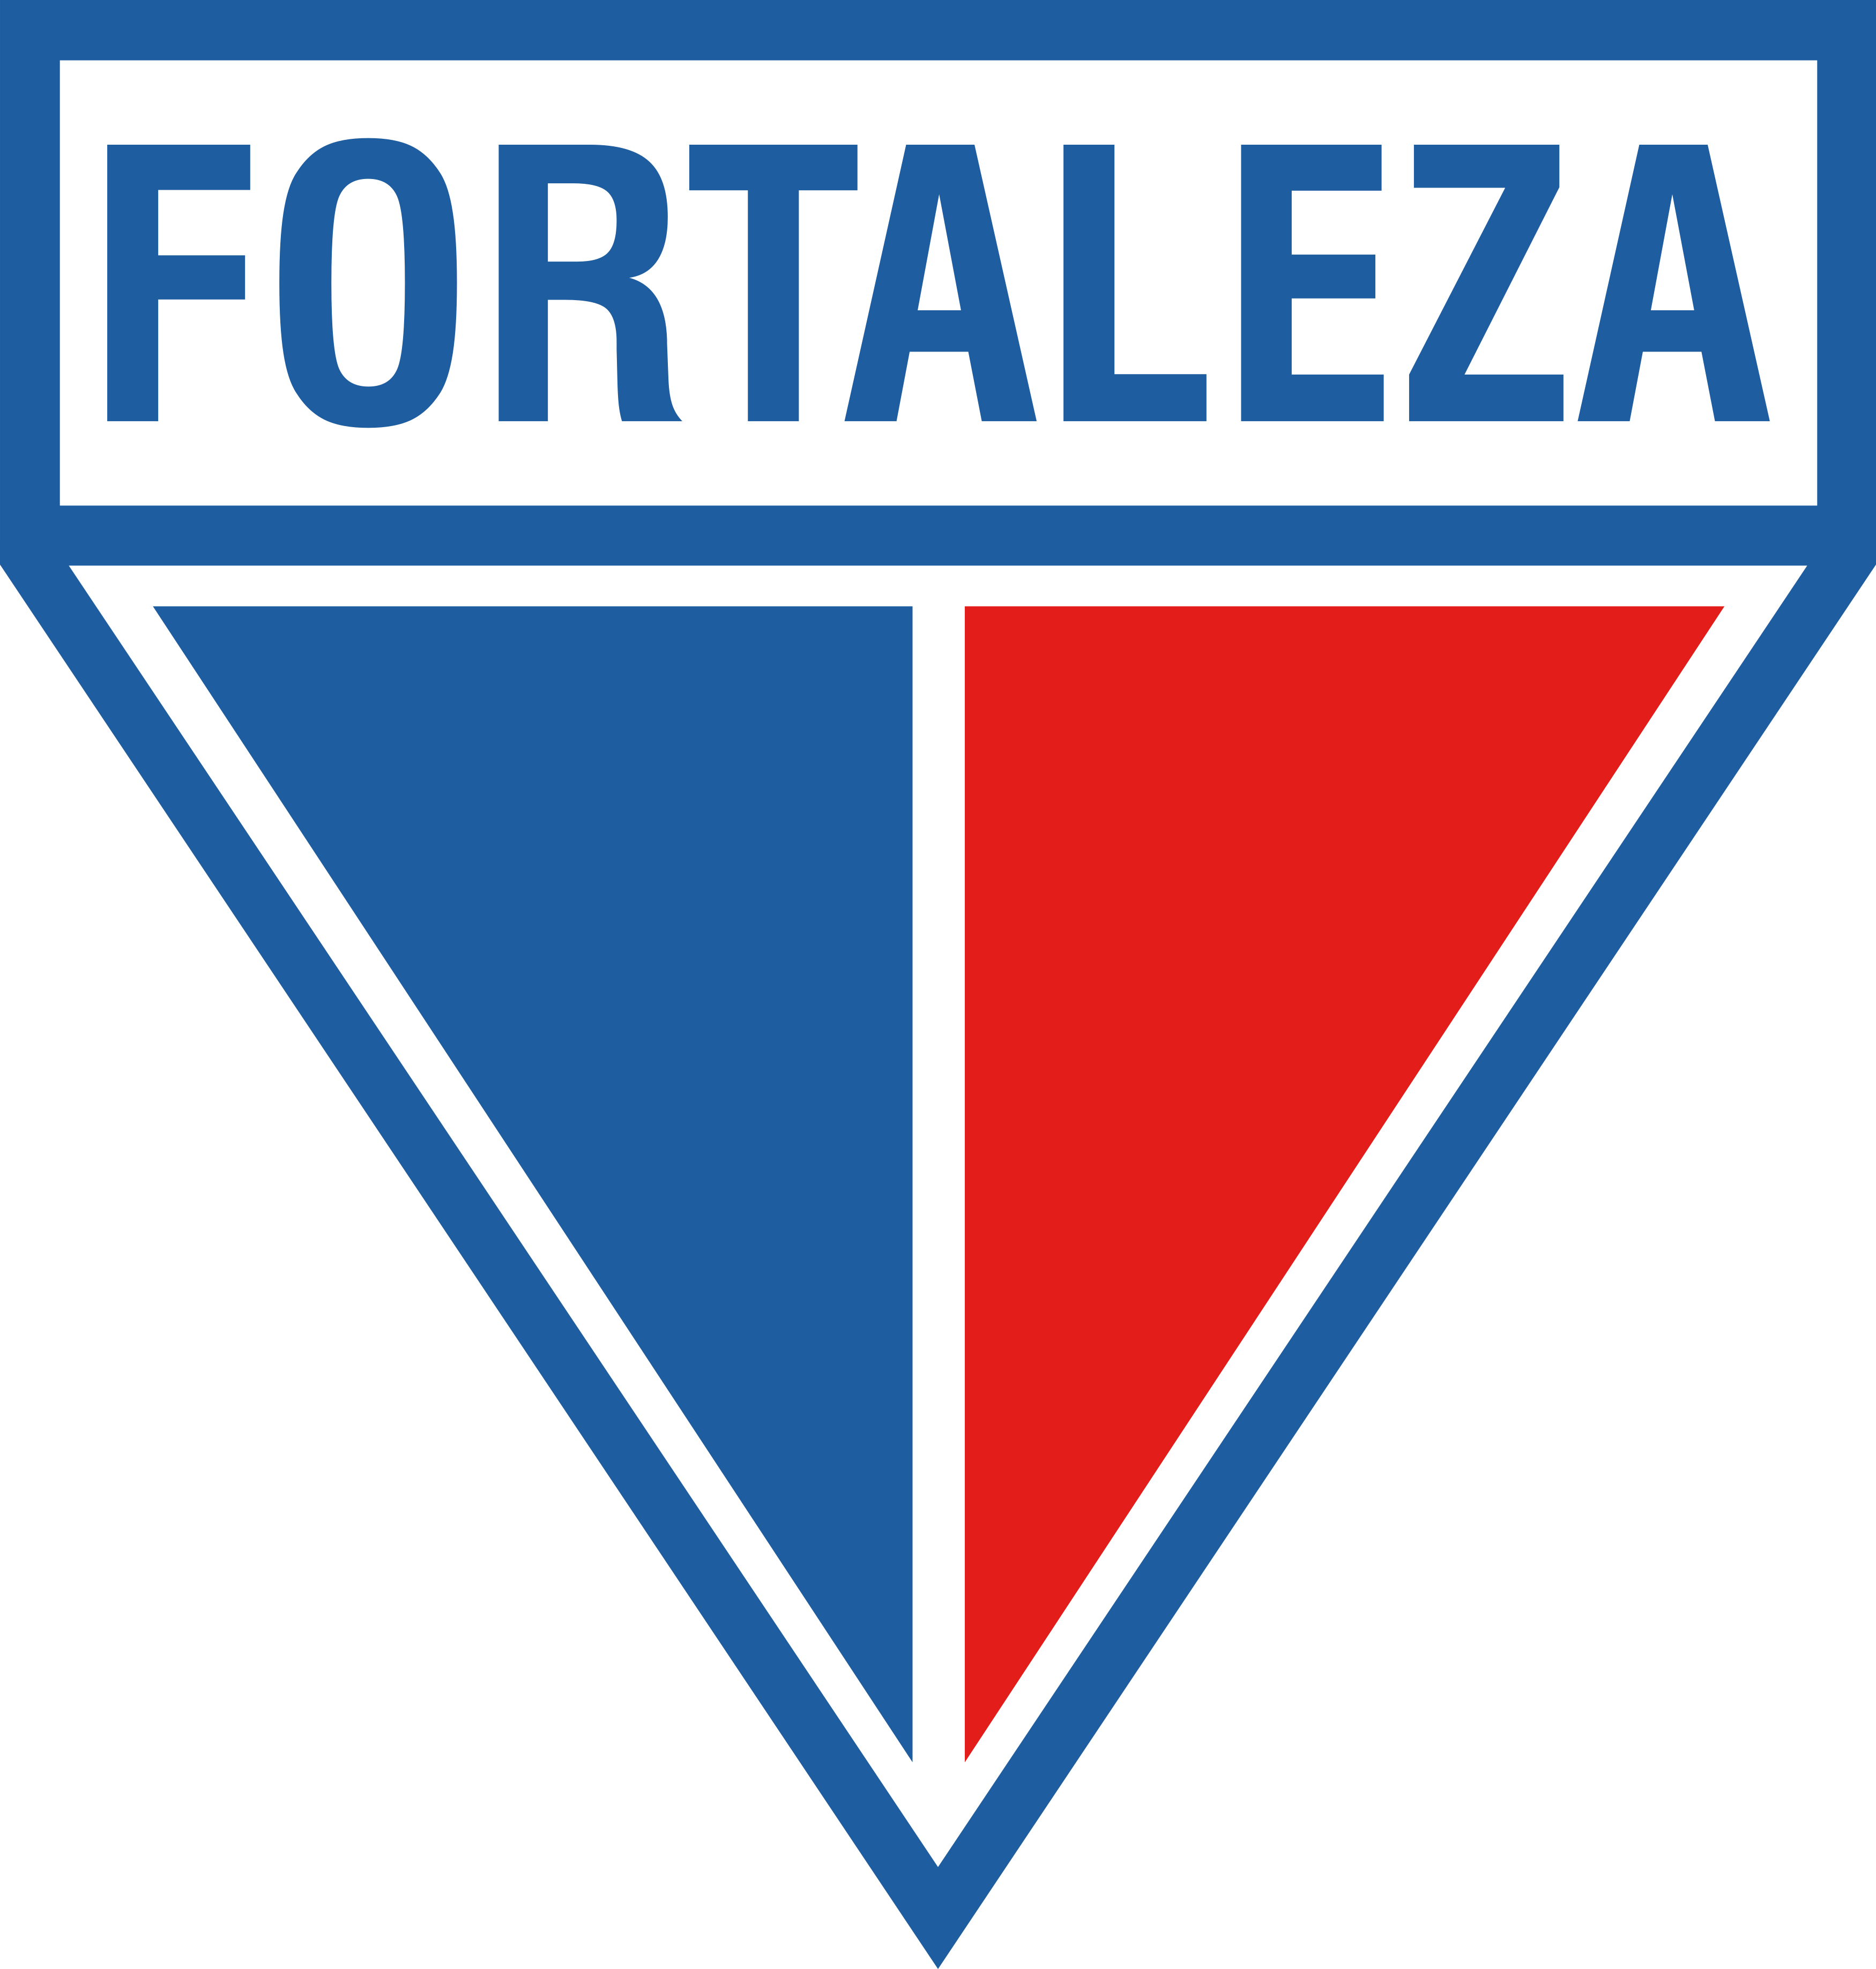 fortaleza ec logo escudo 9 - Fortaleza Esporte Clube Logo